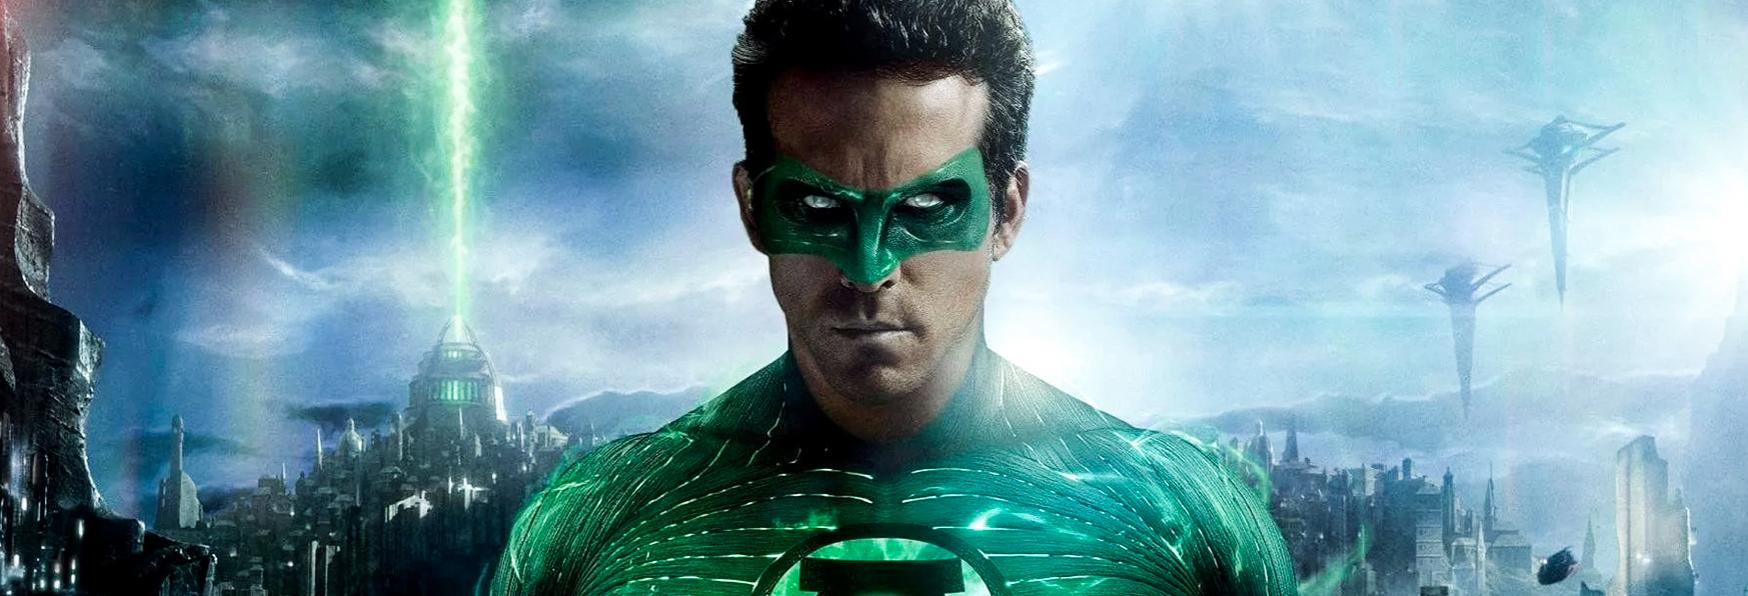 Crisi sulle Terre Infinite: il nuovo Numero anticipa la Serie TV Lanterna Verde di HBO?